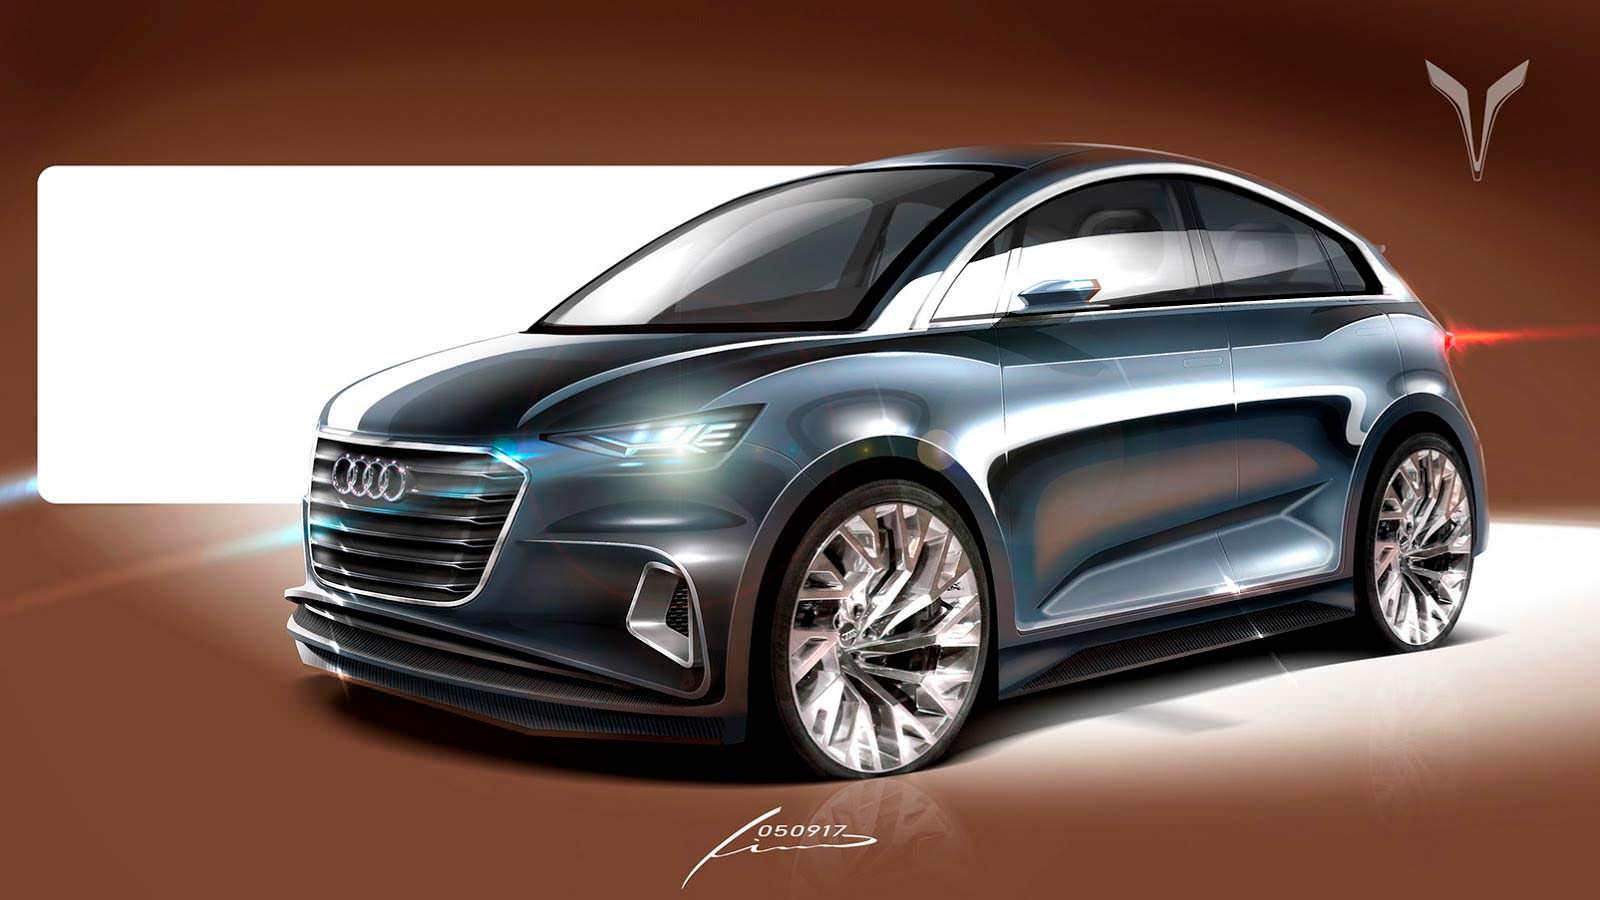 Audi A2 второго поколения. Неофициальный дизайн Pino Cazzetta